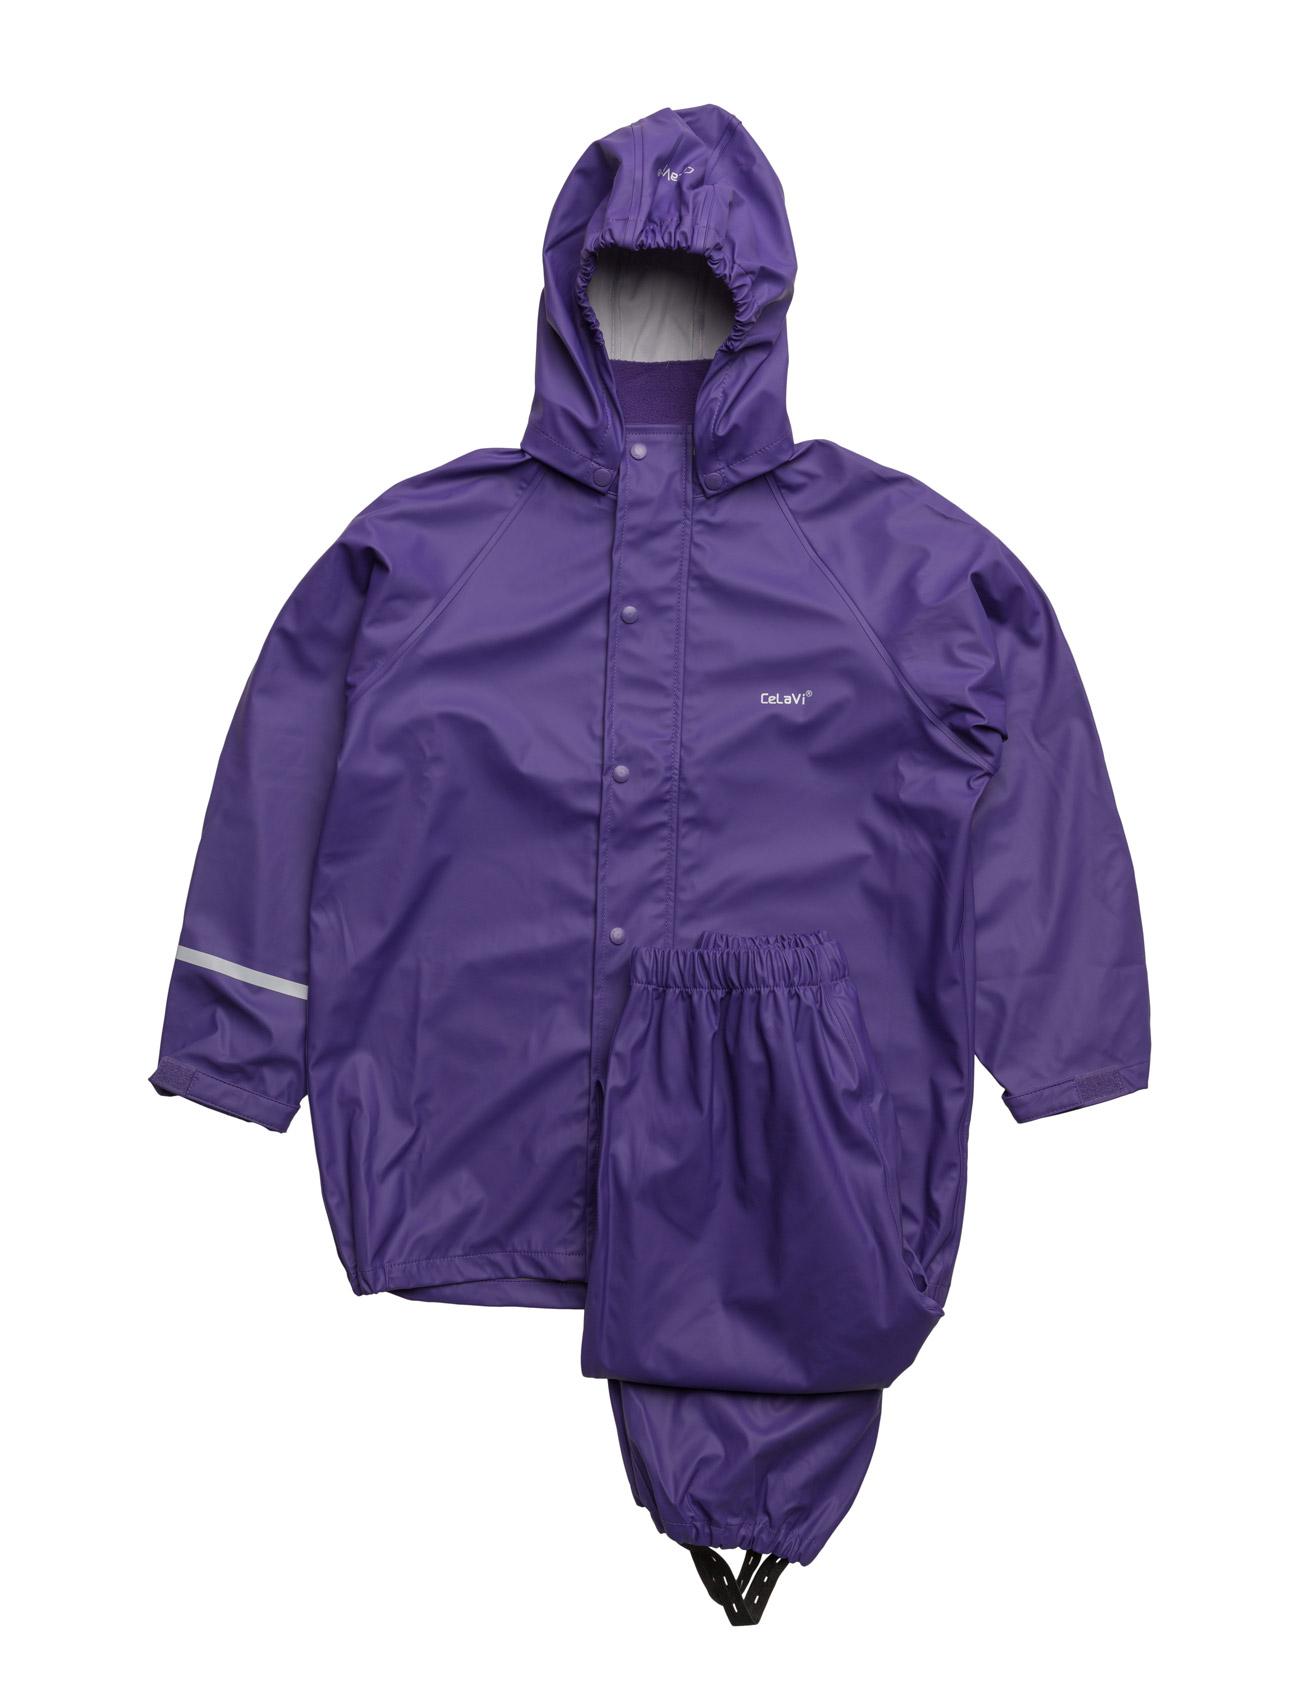 Basic Rainwear Suit -Solid CeLaVi Regntøj til Børn i